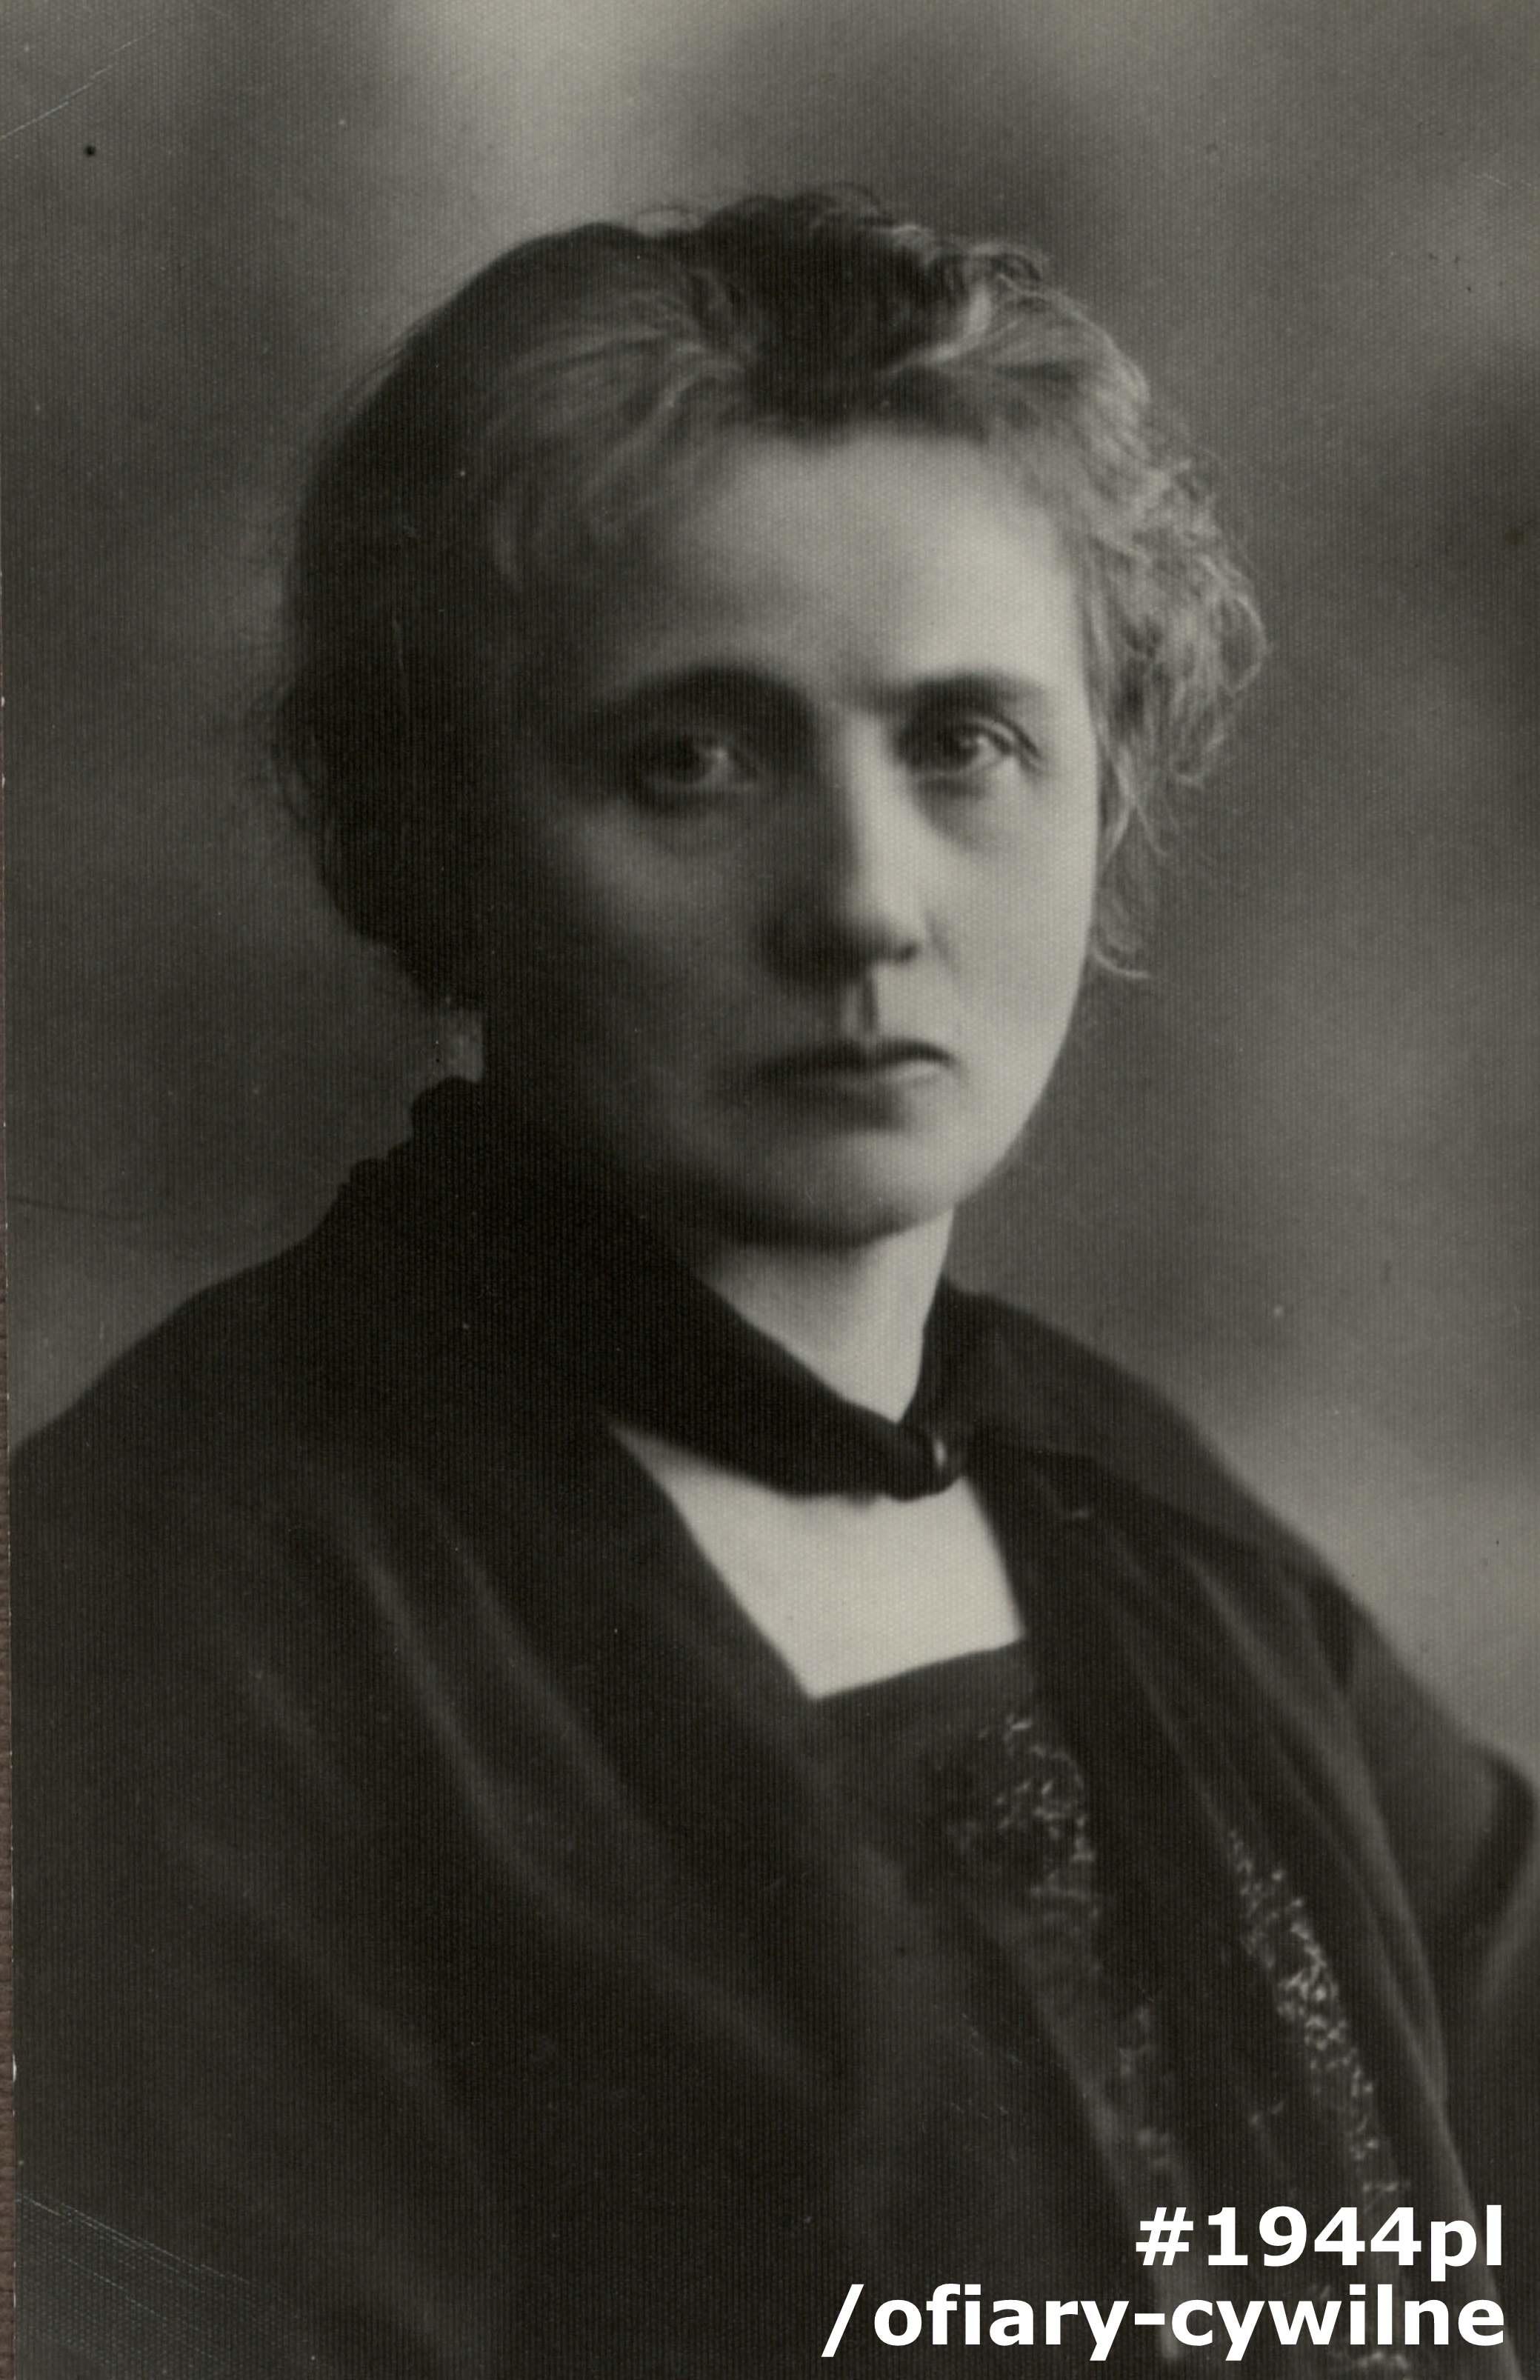 Maria Gościcka z Mieczkowskich, fotografię udostępnił pan Wojciech Zgliczyński